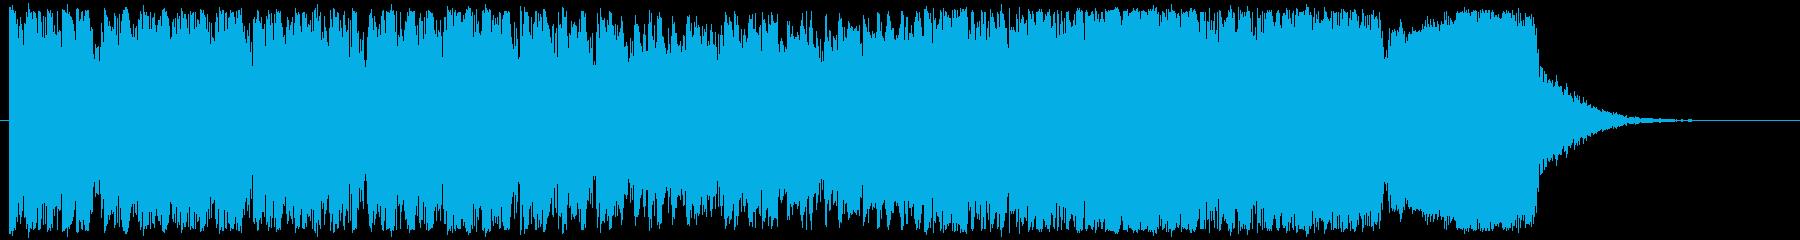 壮大なエピックソロヴォーカルとバイオリンの再生済みの波形